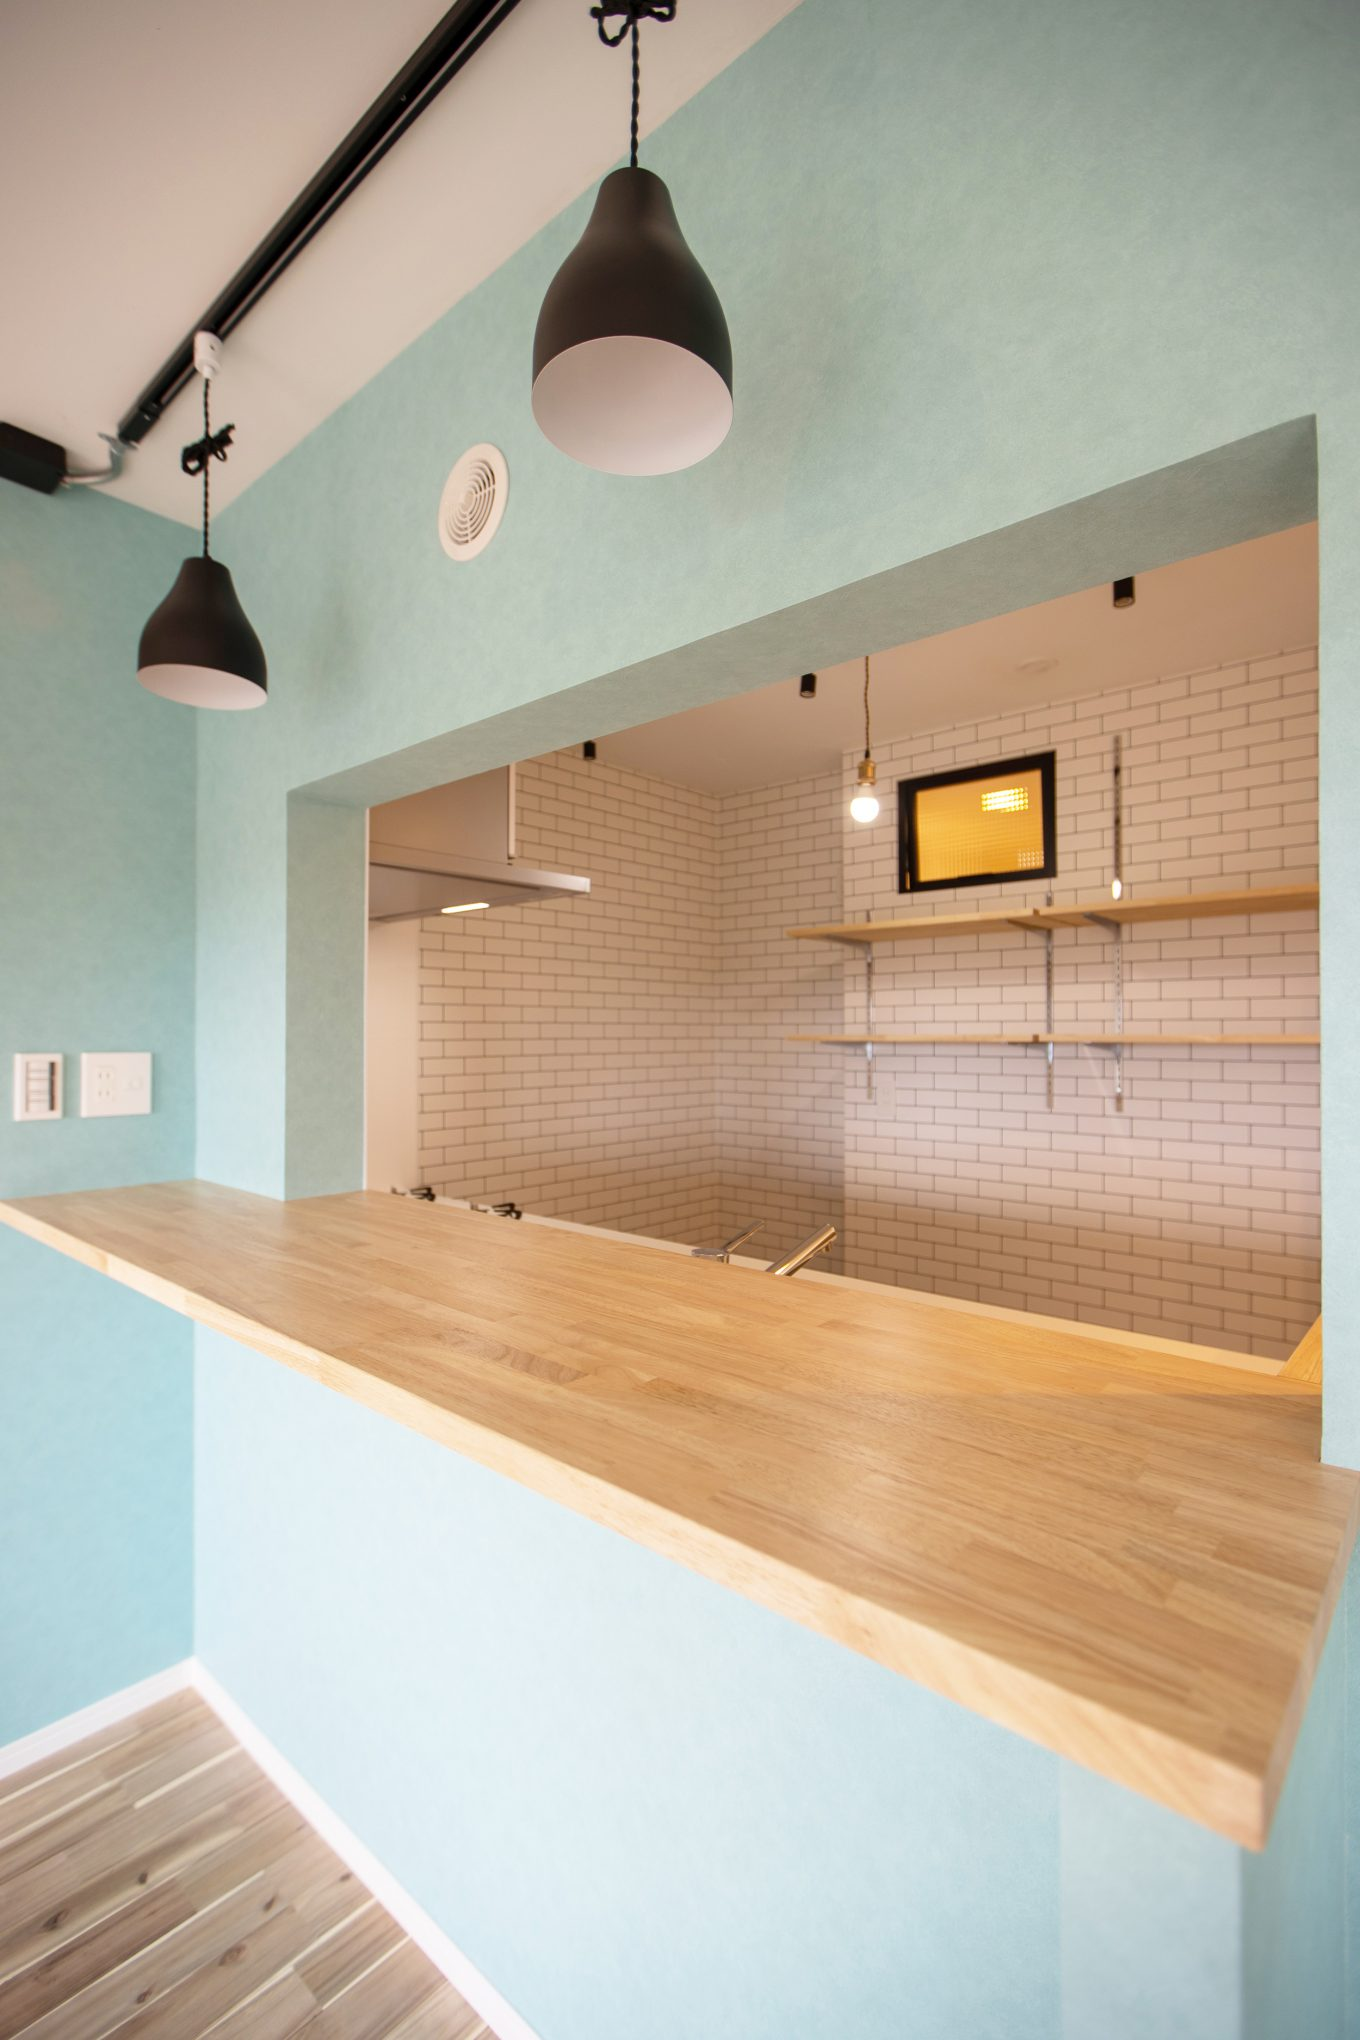 ブルーの壁にホワイトのサブウェイタイルがおしゃれなキッチン